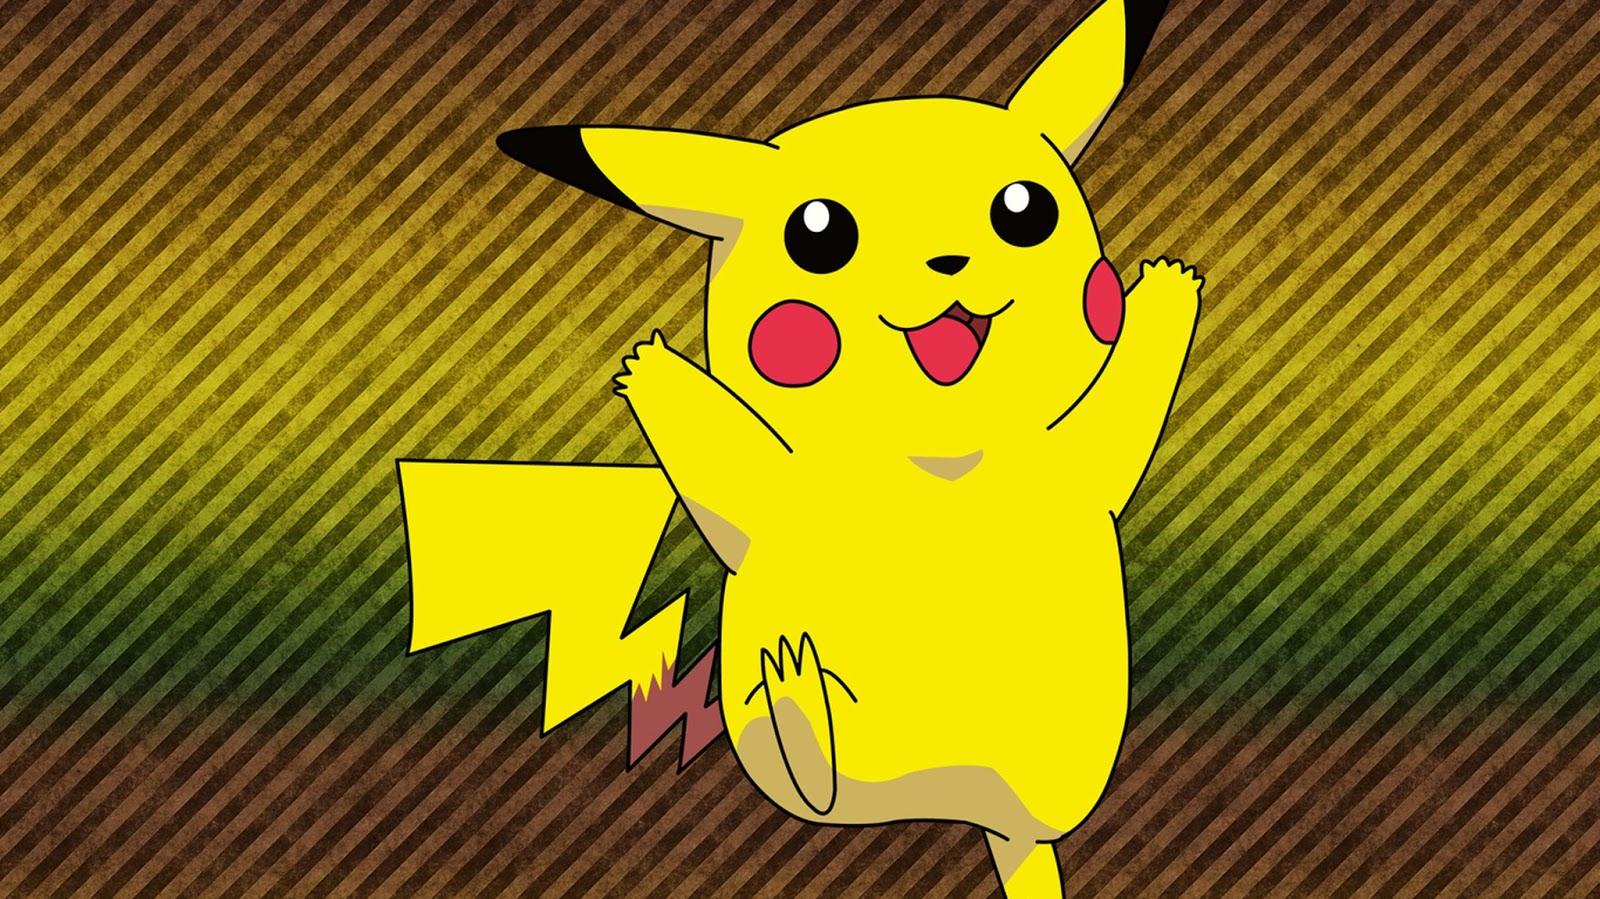 pikachu pokemon wallpaper - photo #20